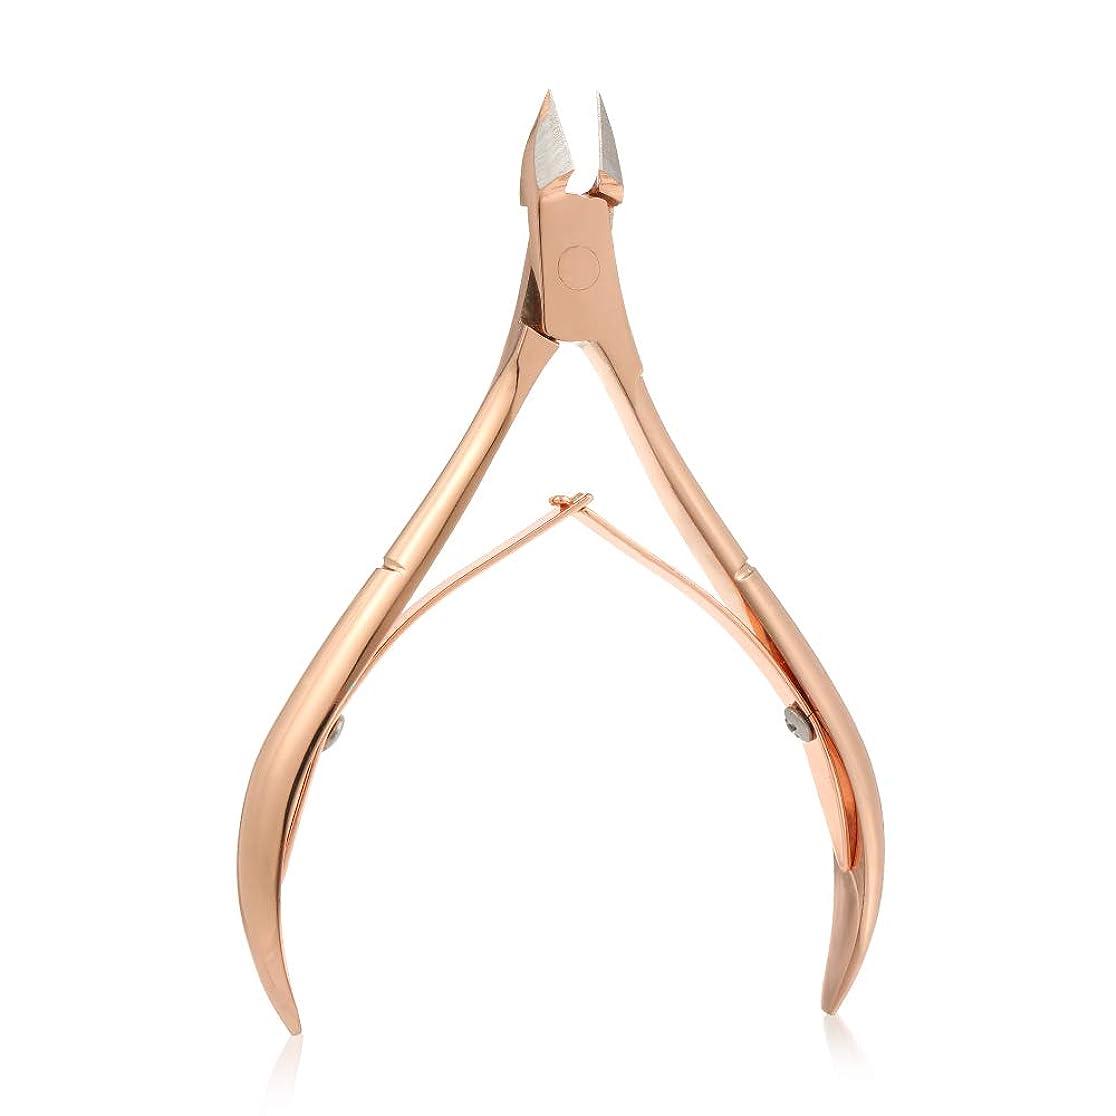 慎重教え摂氏度Decdeal 爪切り 巻き爪 硬い爪 厚いつめ 変形爪に対応 ステンレス製 爪&足指 マニキュアツール